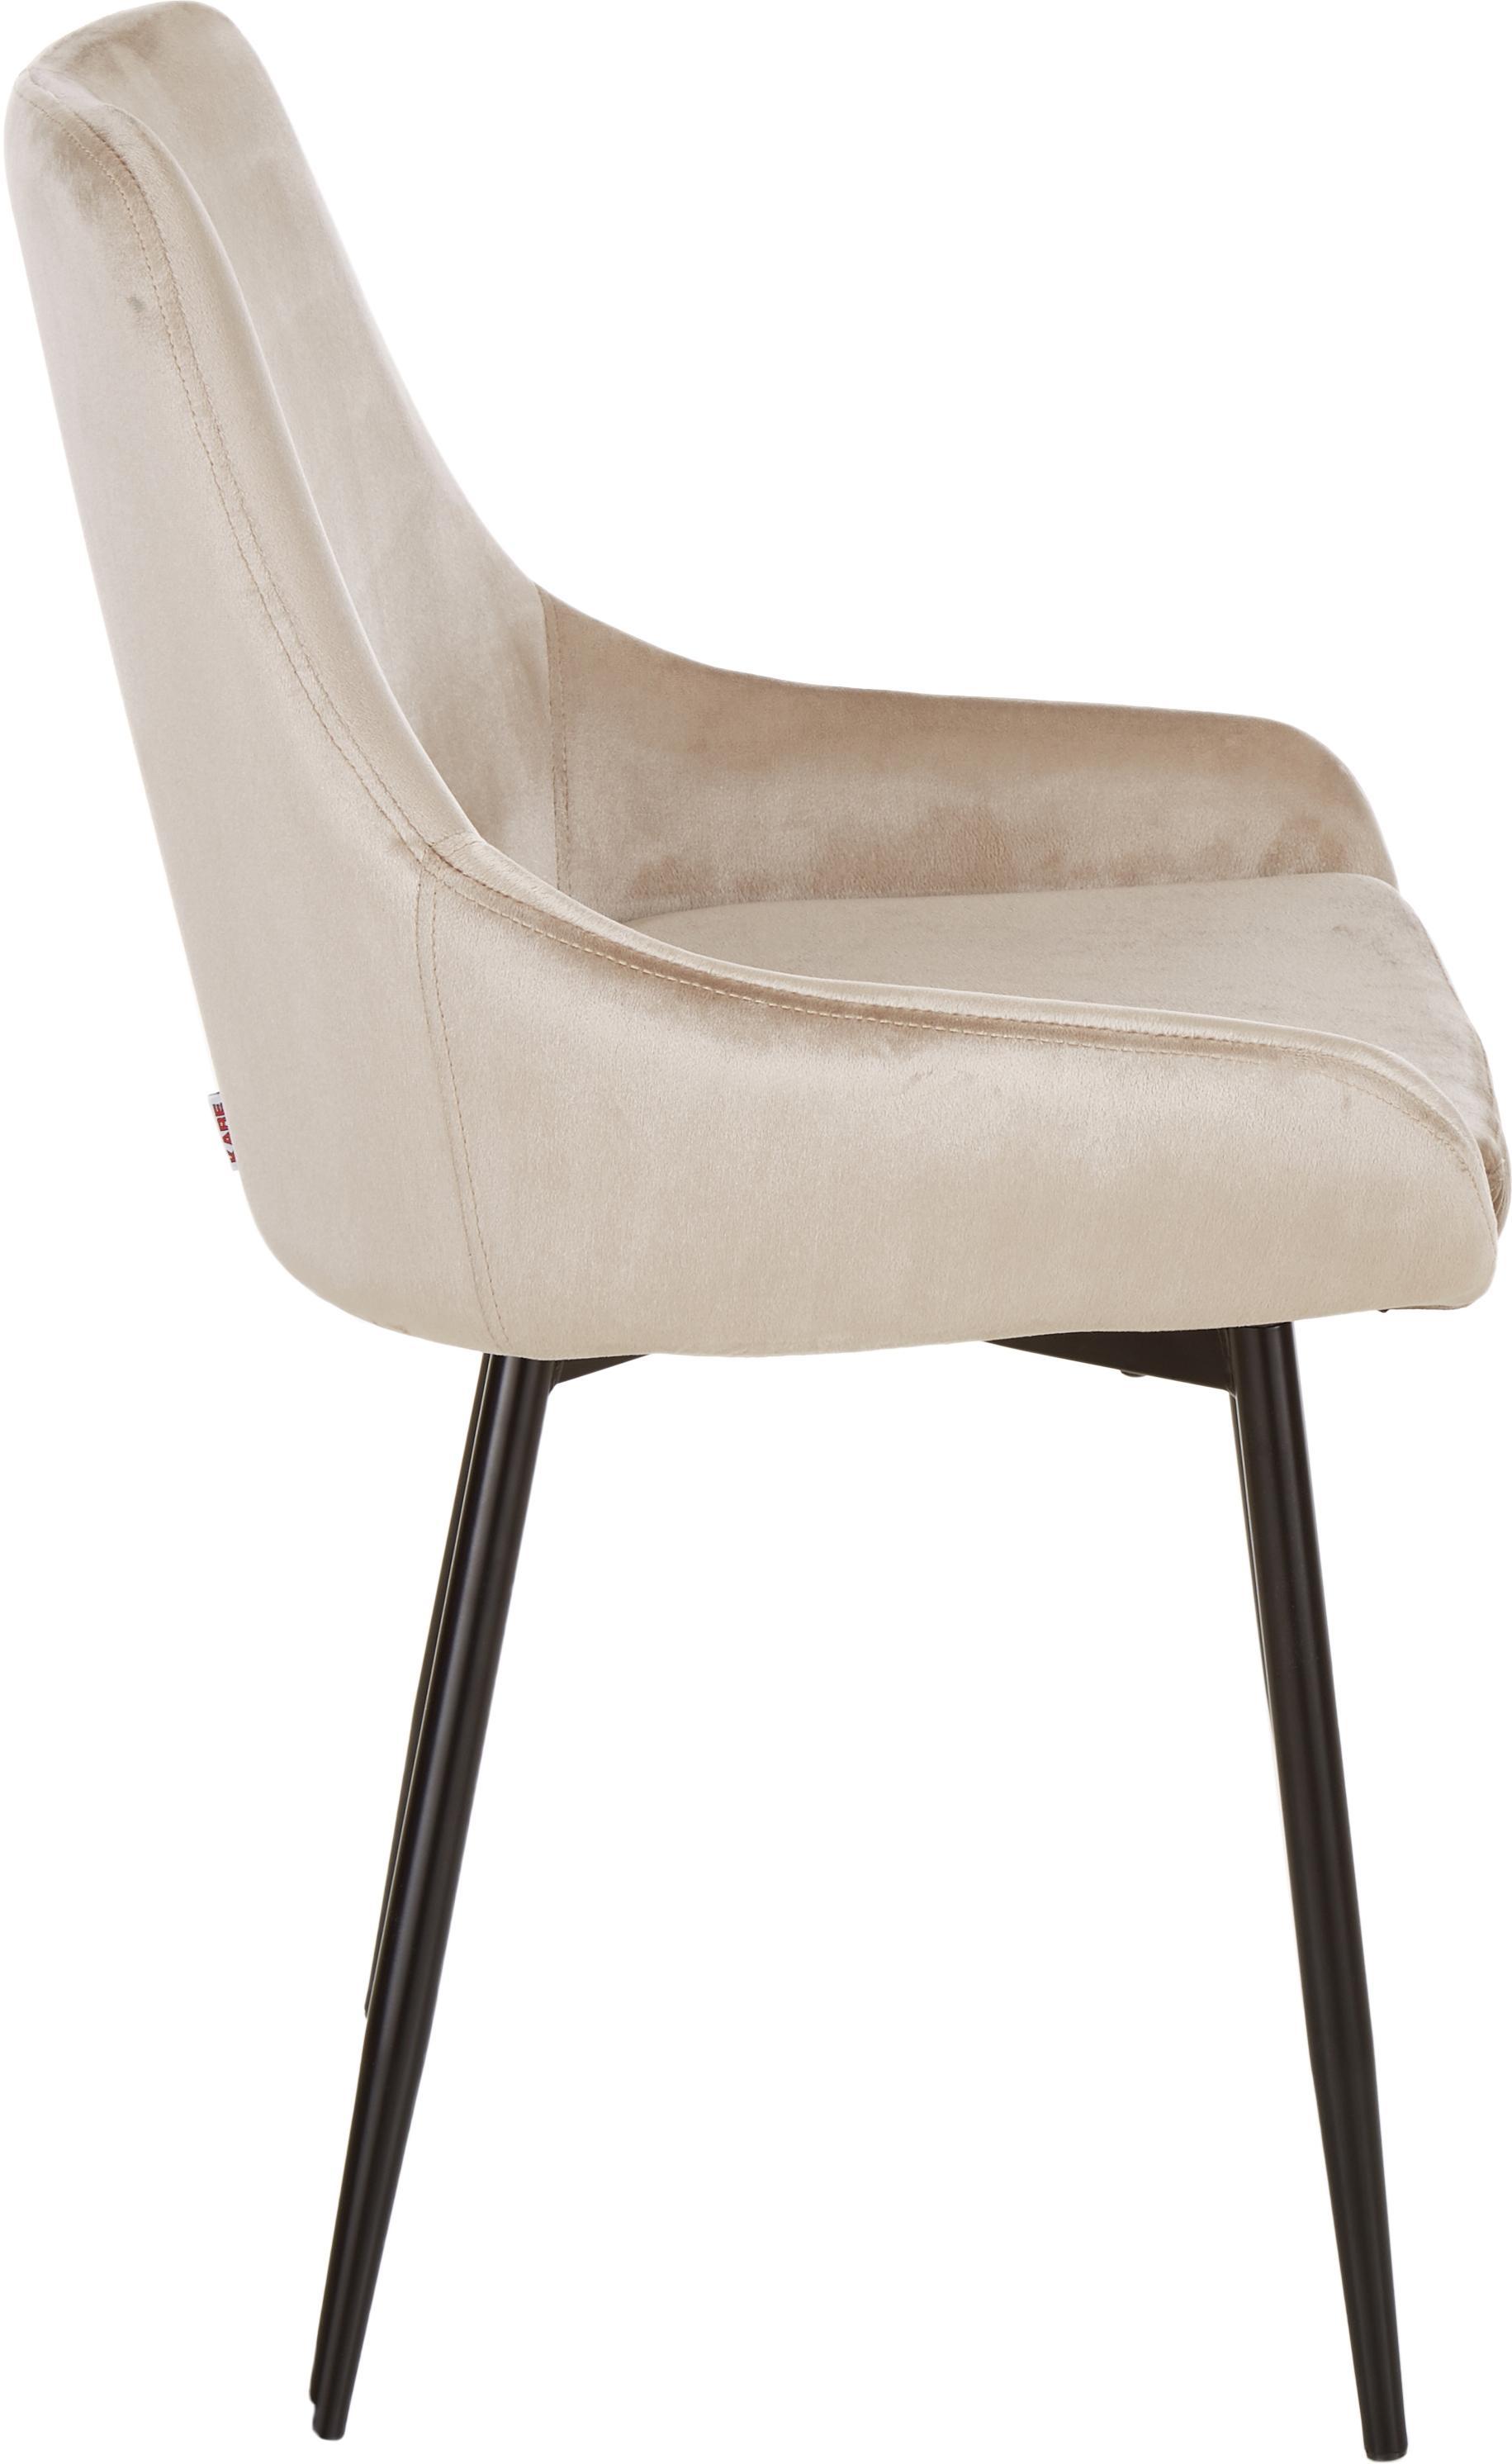 Samt-Stühle East Side, 2 Stück, Bezug: Polyestersamt, Korpus: Furnierschichtholz, natur, Beine: Metall, pulverbeschichtet, Samt Beige, Beine Schwarz, B 52 x T 59 cm